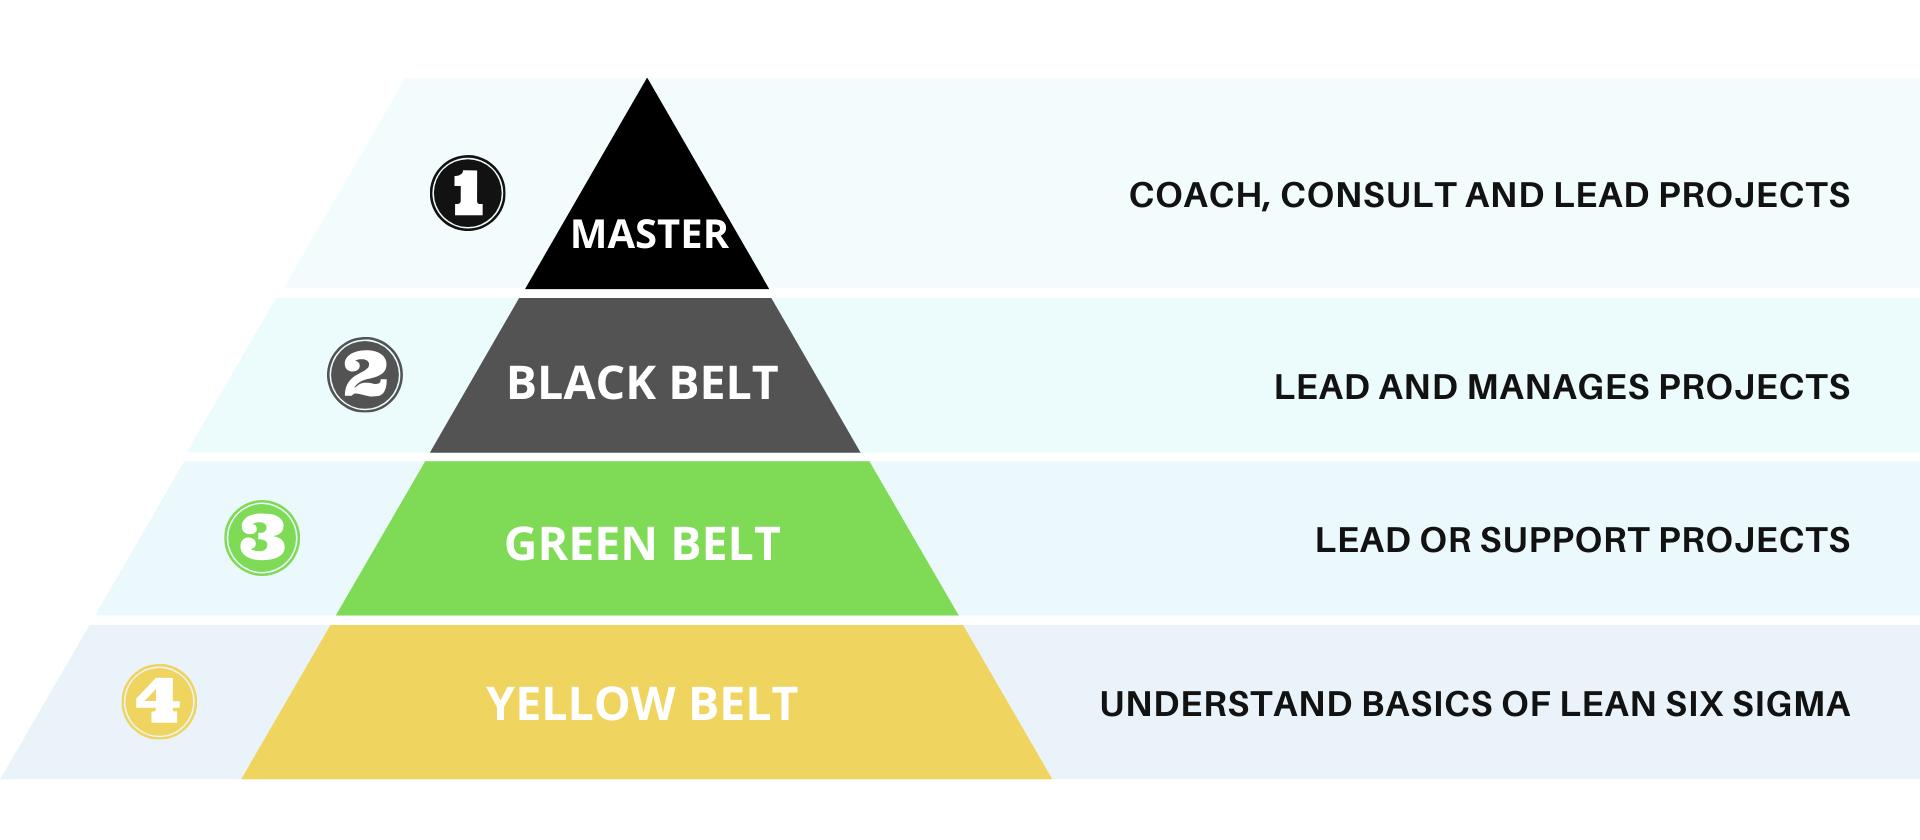 Uma pirâmide mostrando a ordem dos cursos Lean Six Sigma